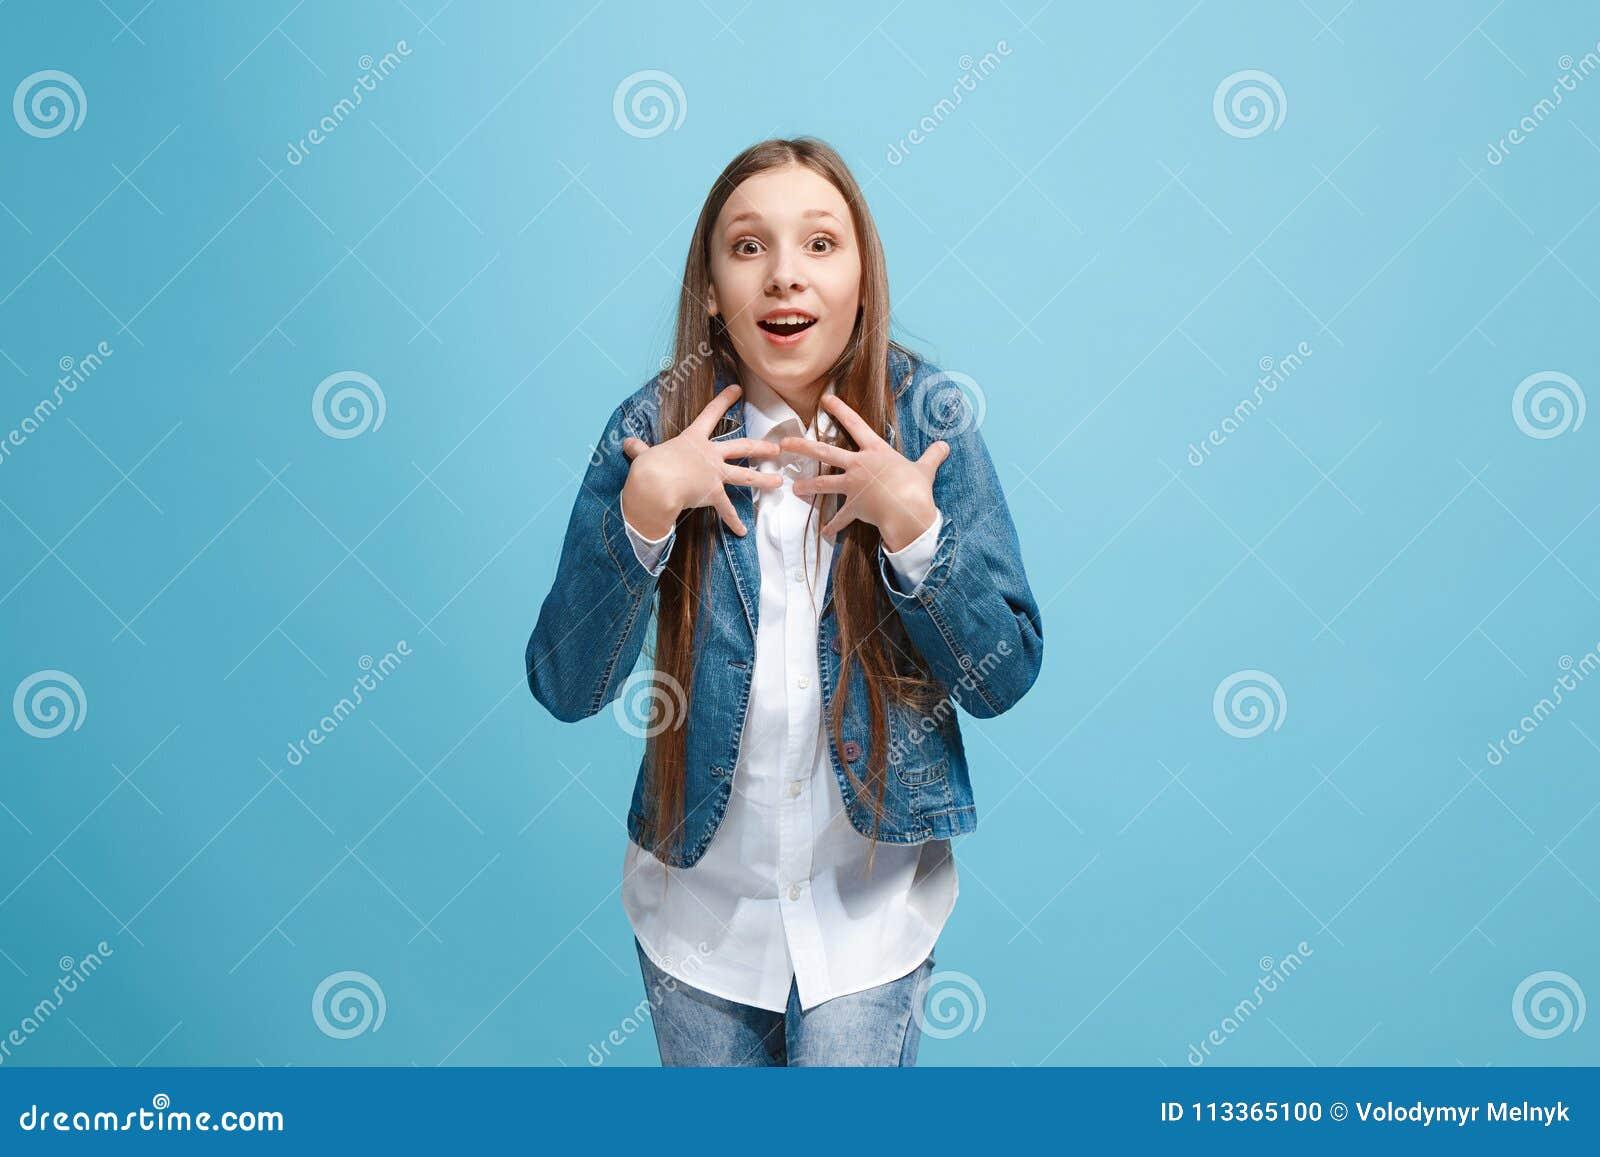 Лицо красивой девушки с открытым ртом видео жену